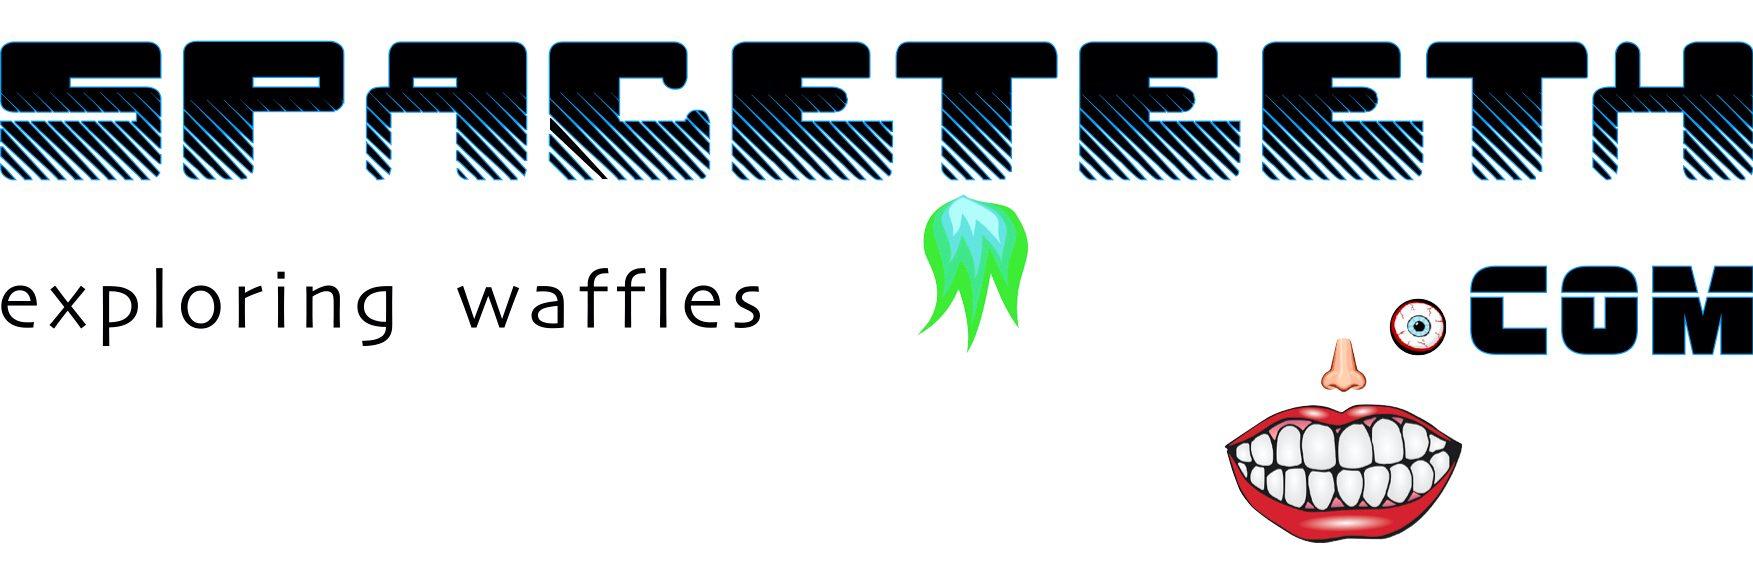 spaceteeth.com